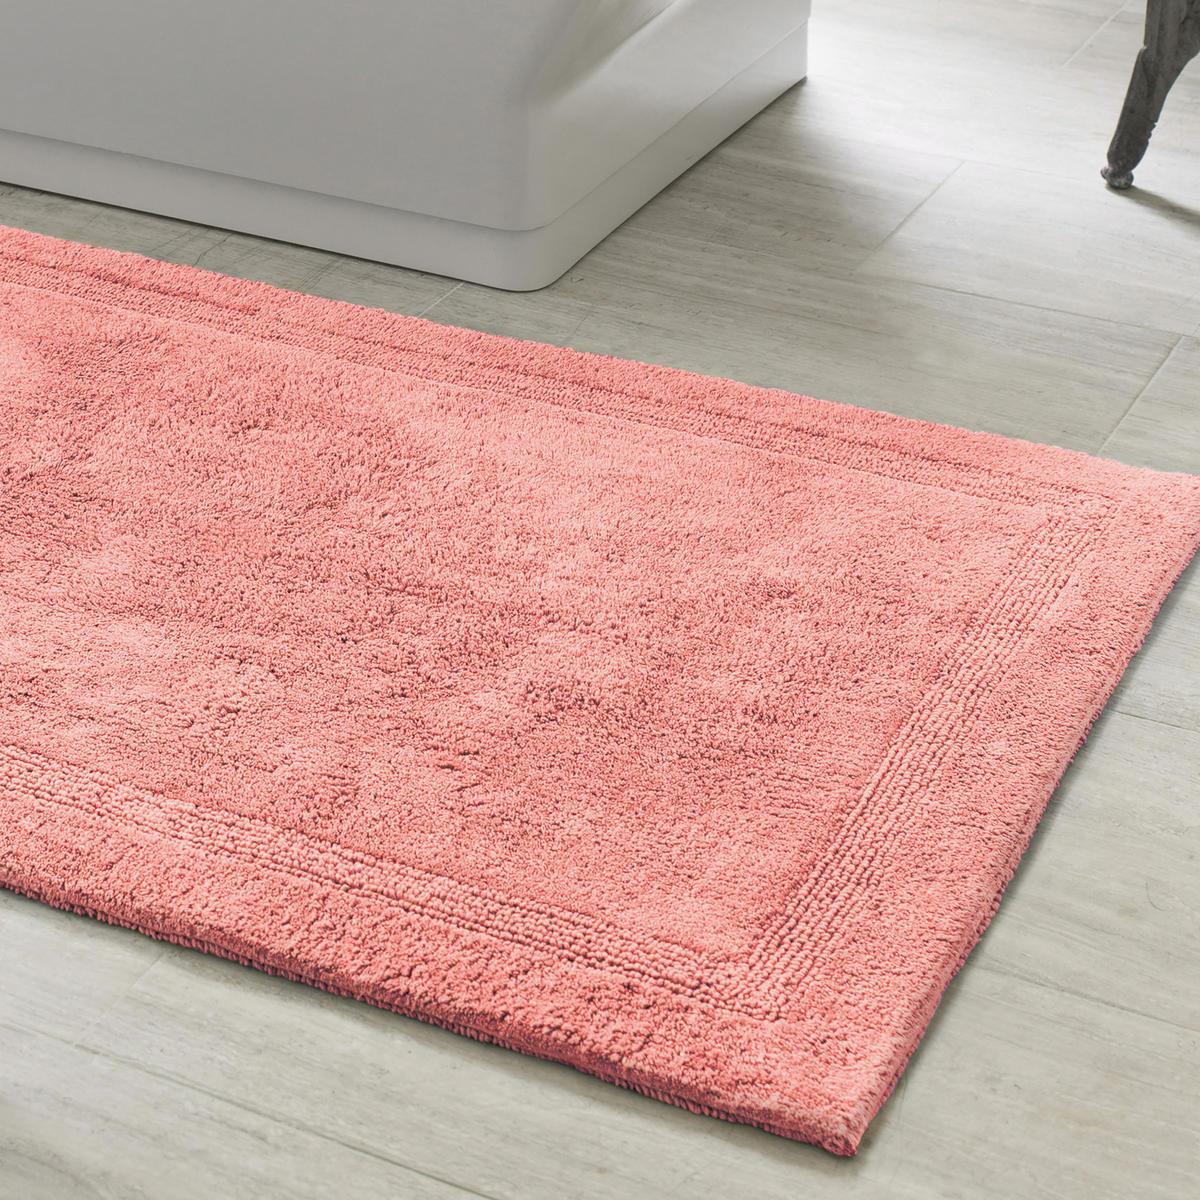 tapis de bain couleur corail